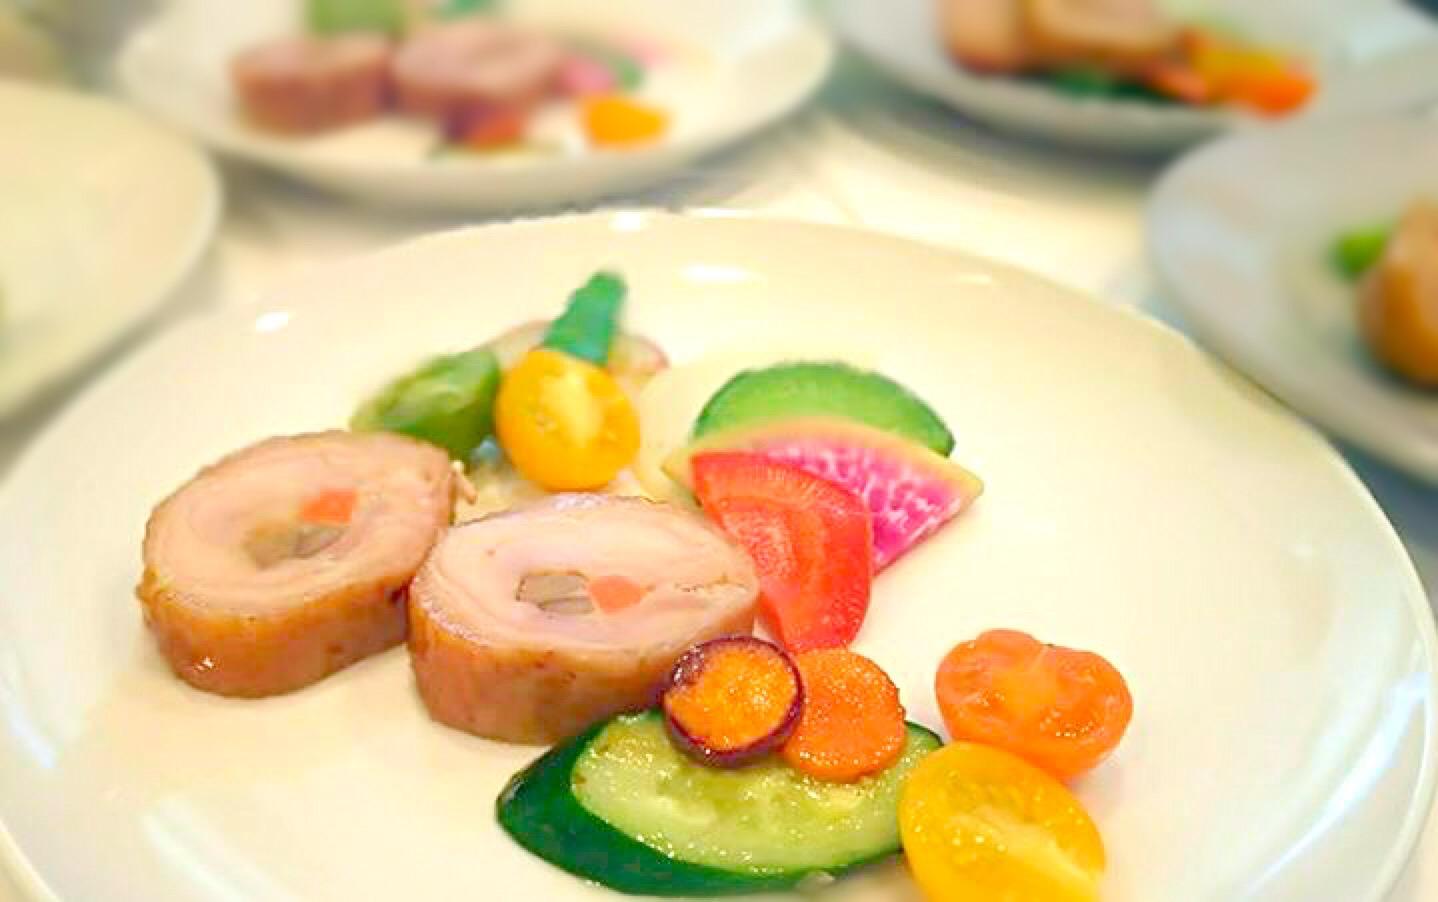 フランス料理の「バロティーヌ」って何?ガランティーヌとの違いも解説の画像